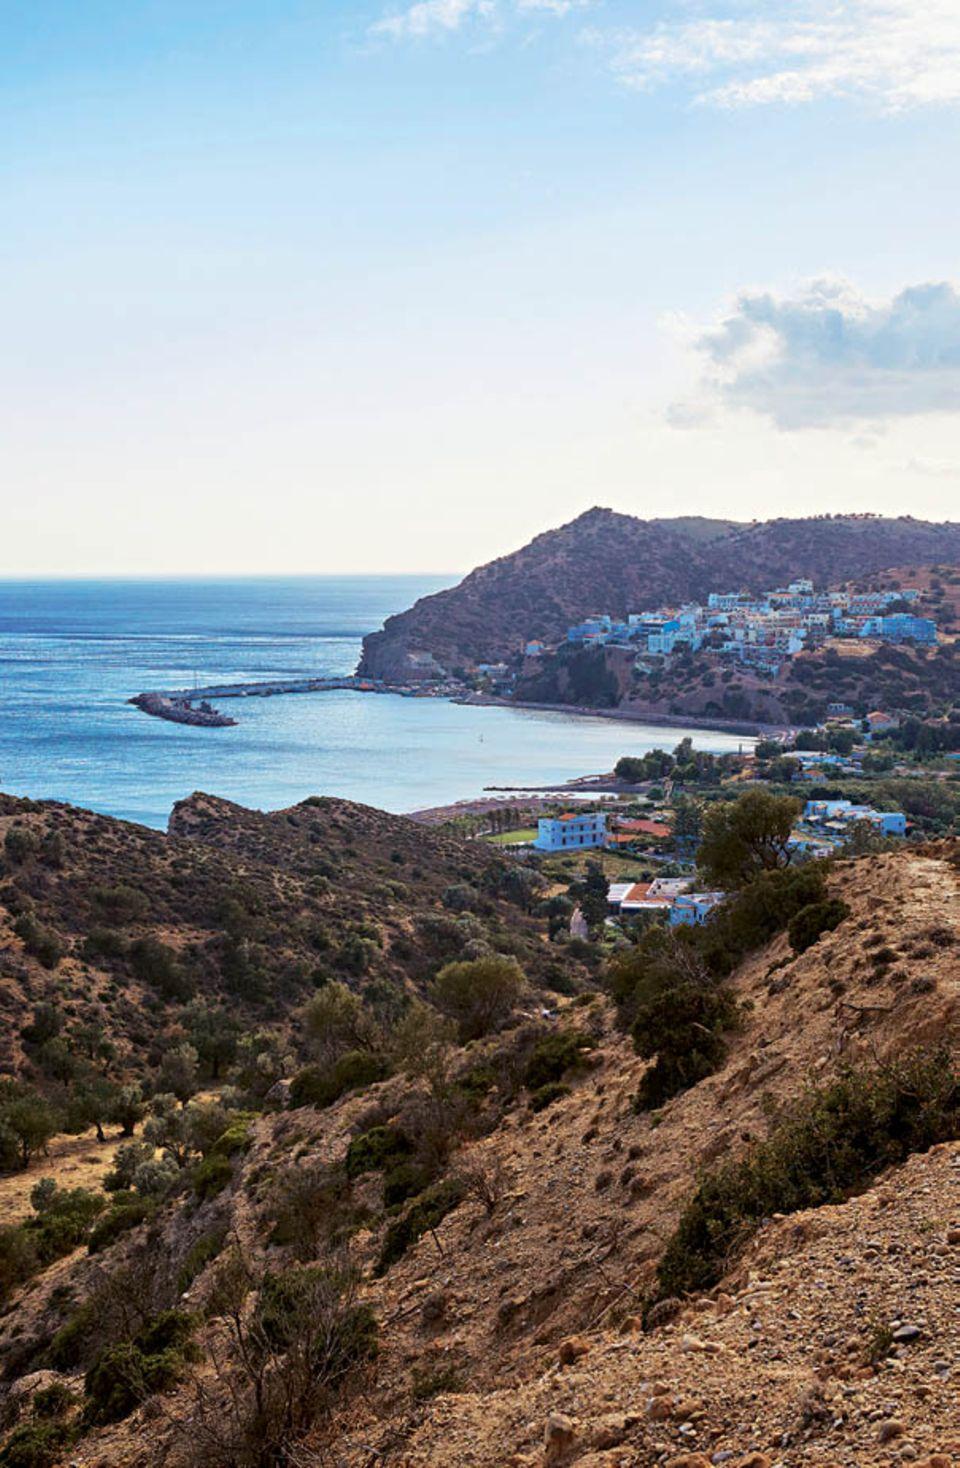 Reisen mit Kind: Tipps für einen Familienurlaub auf Kreta - Agia Galini